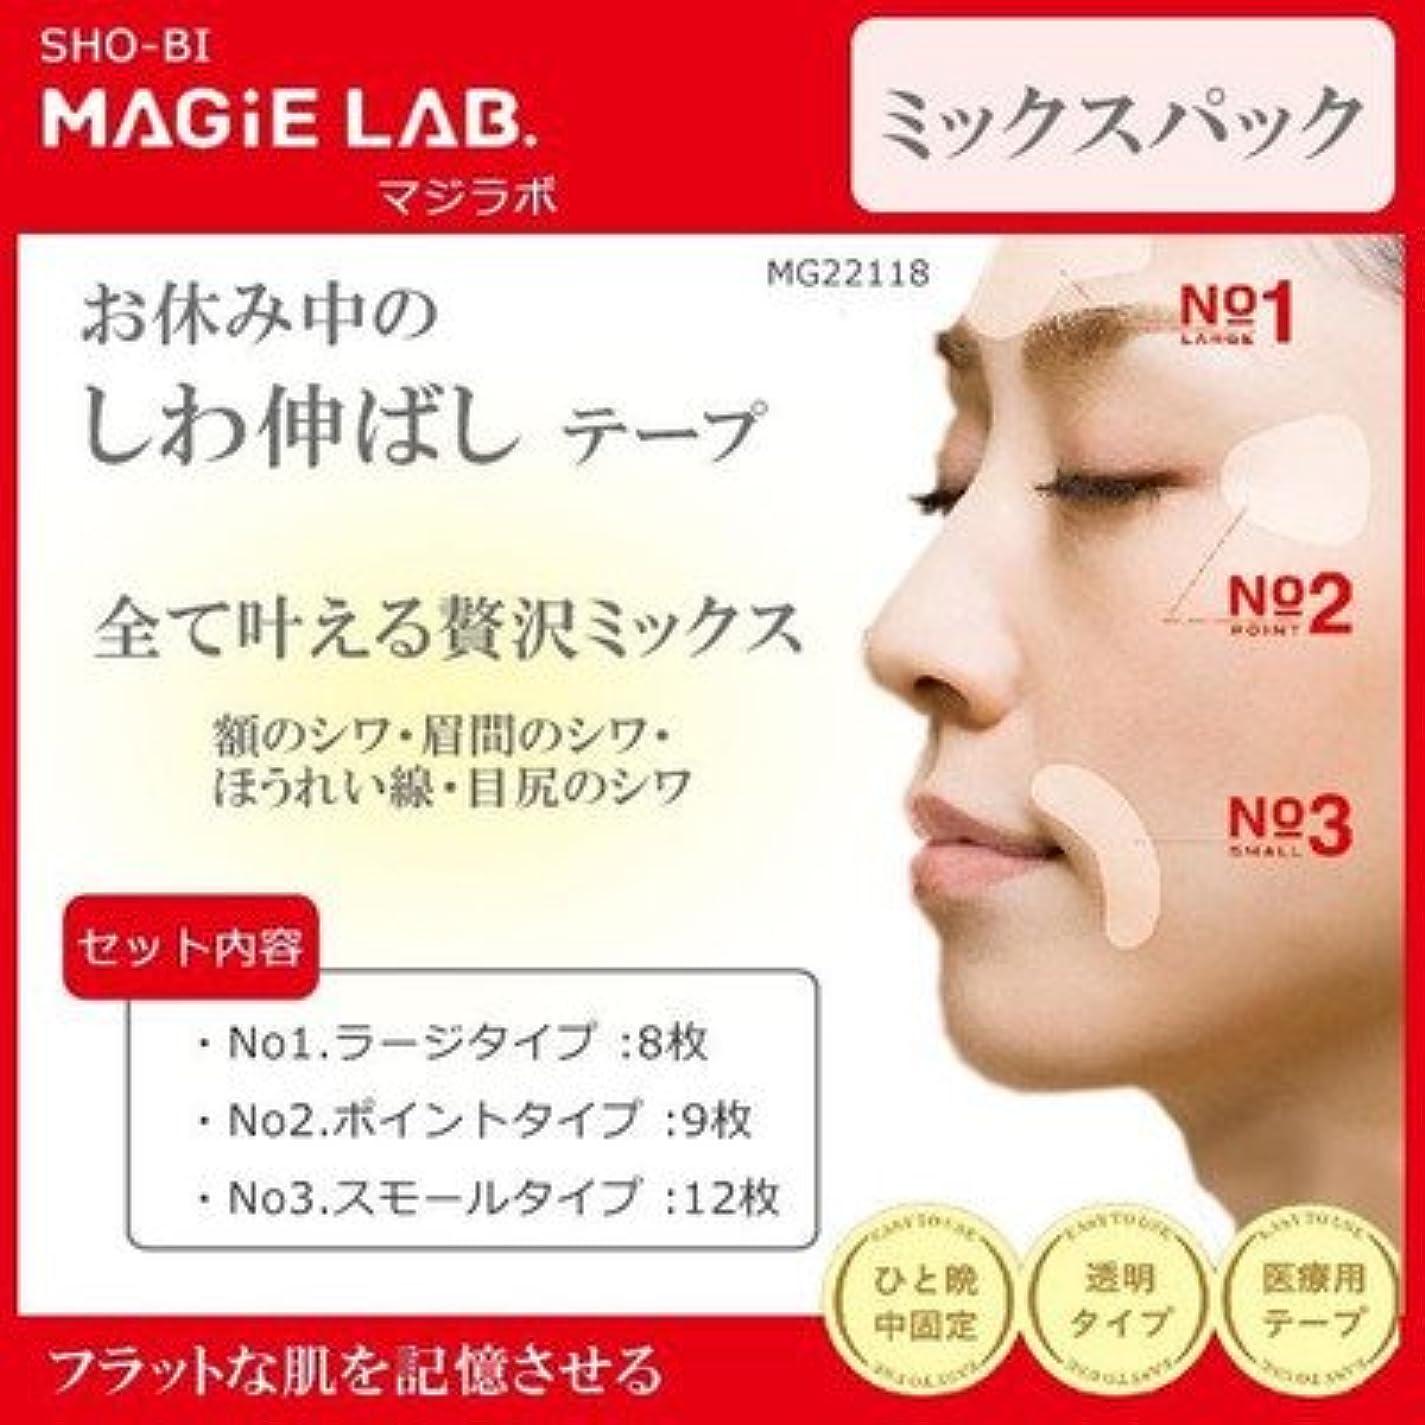 アイロニー短くする化学MAGiE LAB.(マジラボ) 全て叶える贅沢ミックス お休み中のしわ伸ばしテープ ミックスパック MG22118